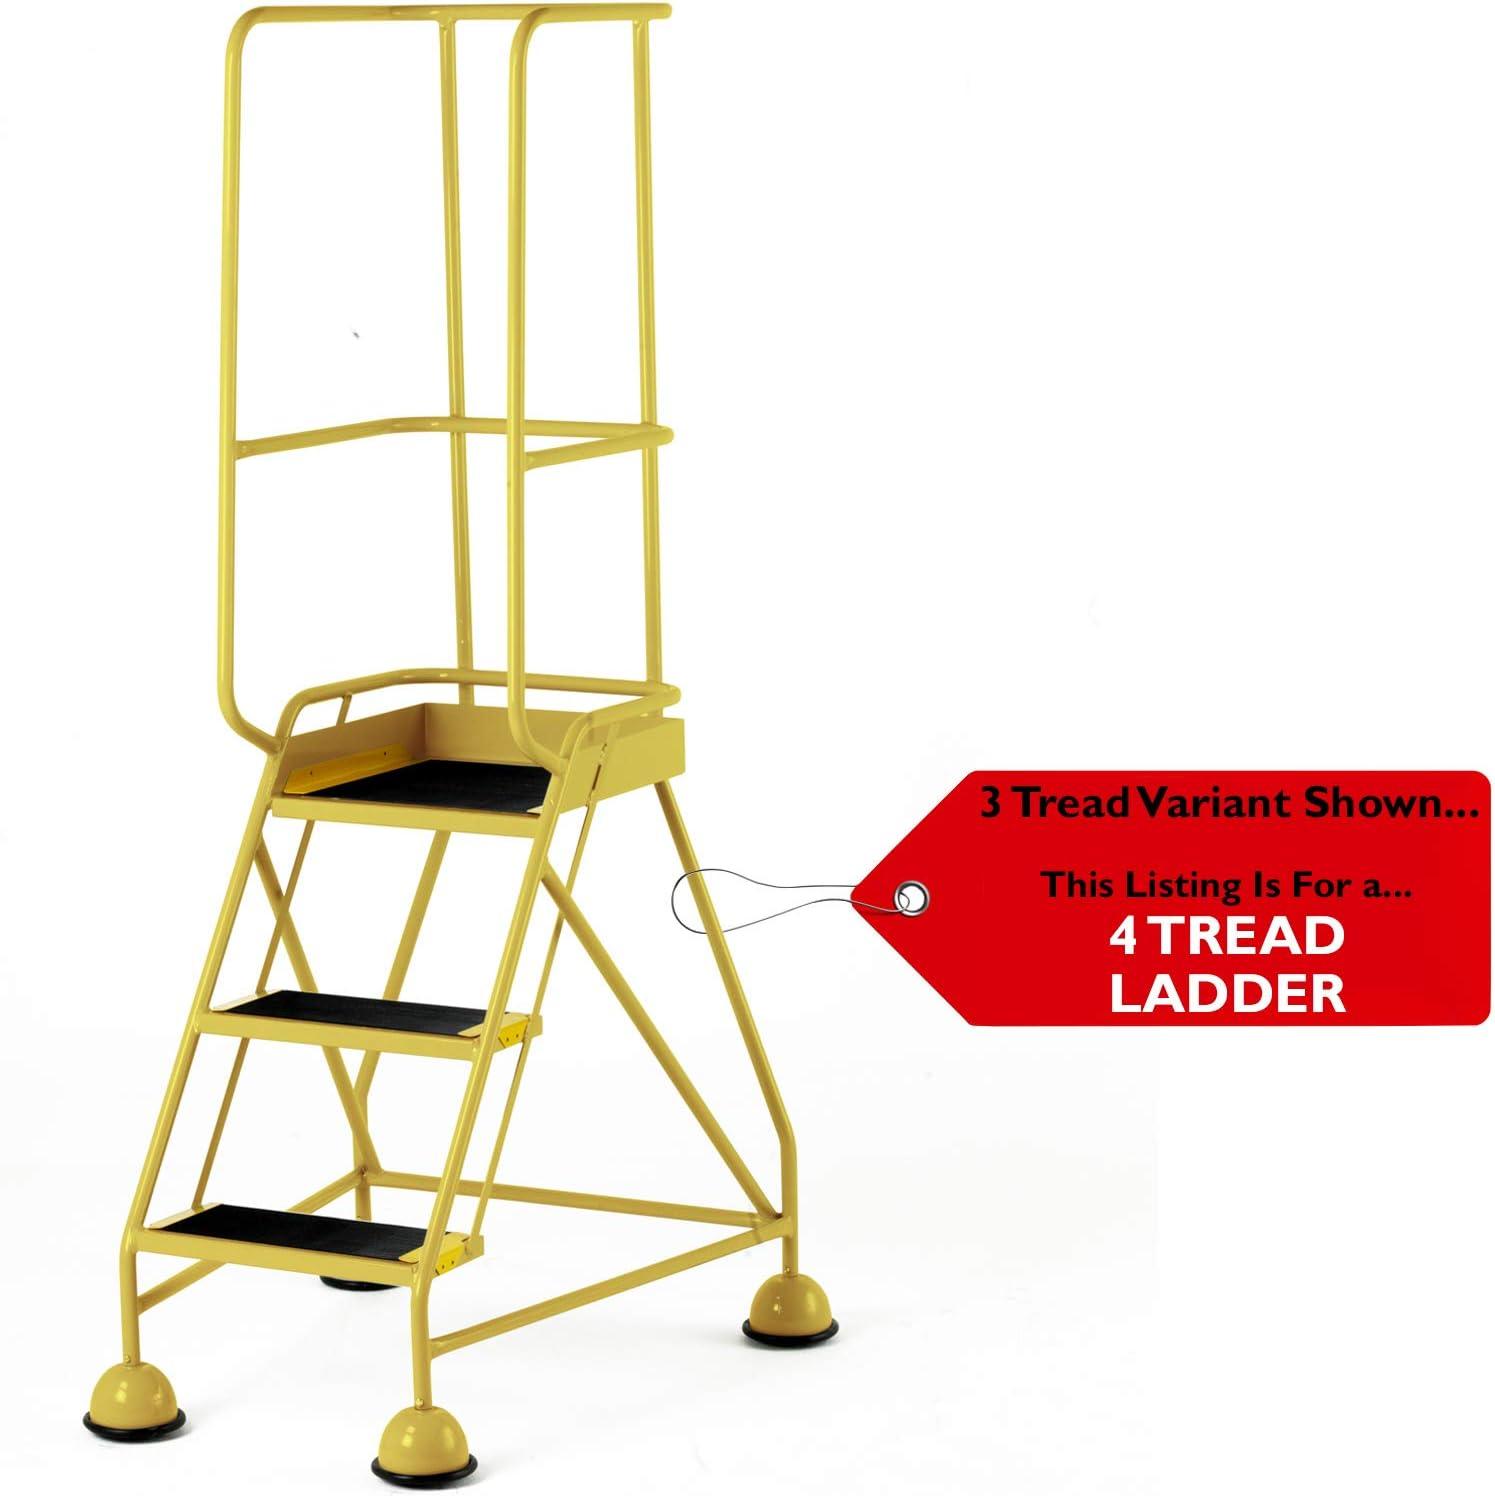 Escalera de seguridad portátil de 4 peldaños para almacenes móviles, amarilla, 2 m, ruedas y escaleras de seguridad - 1 m de altura de la plataforma, pasamanos y barandilla de seguridad -